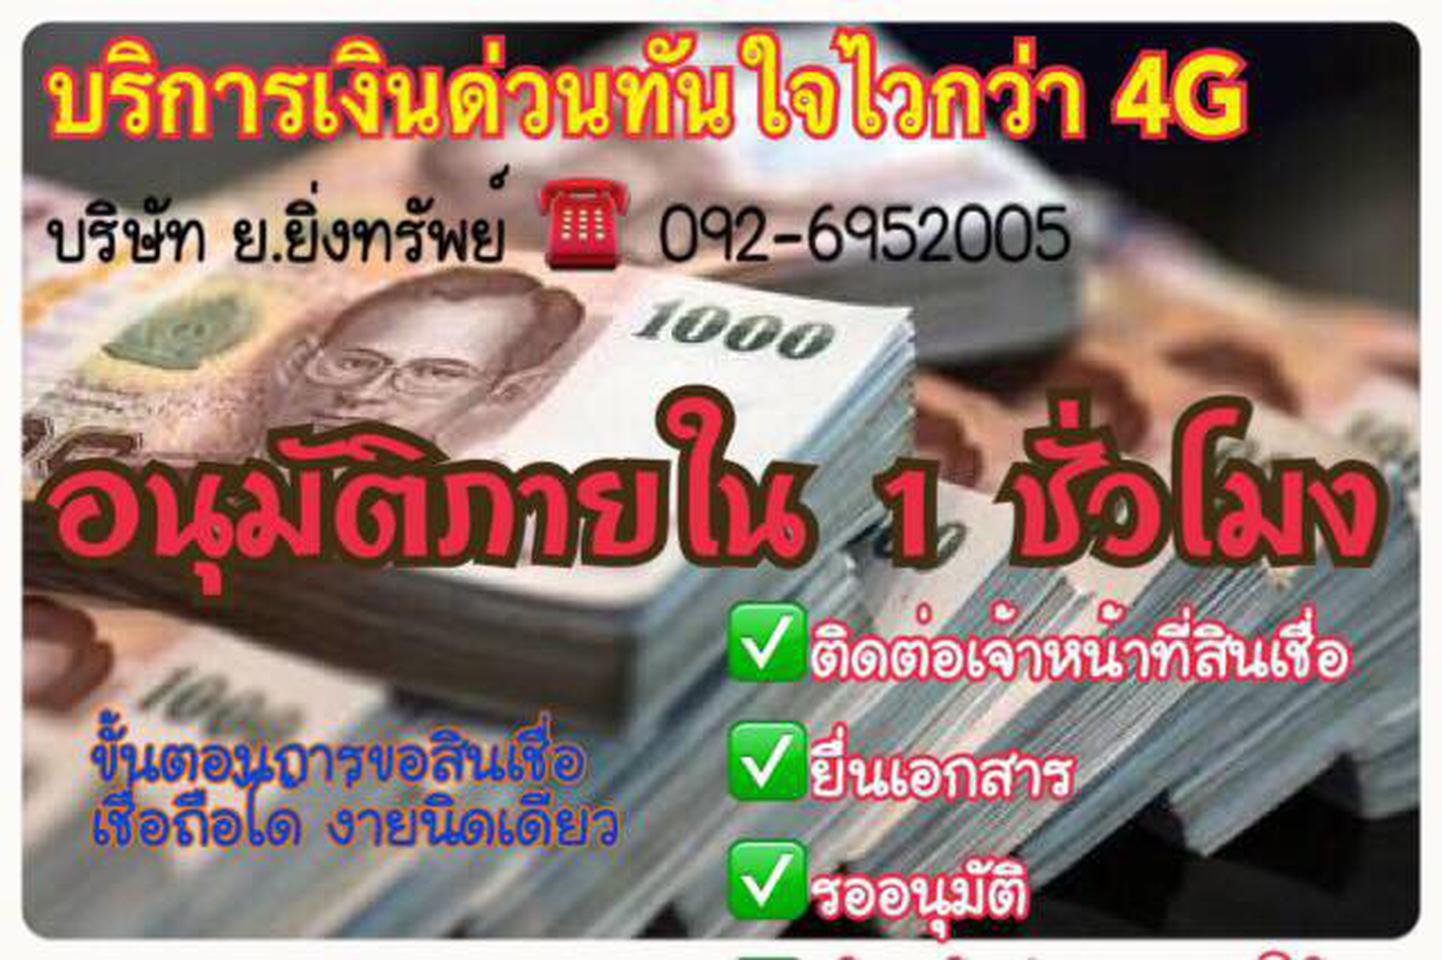 เงินด่วน4G เร็วทันใจ รูปที่ 1